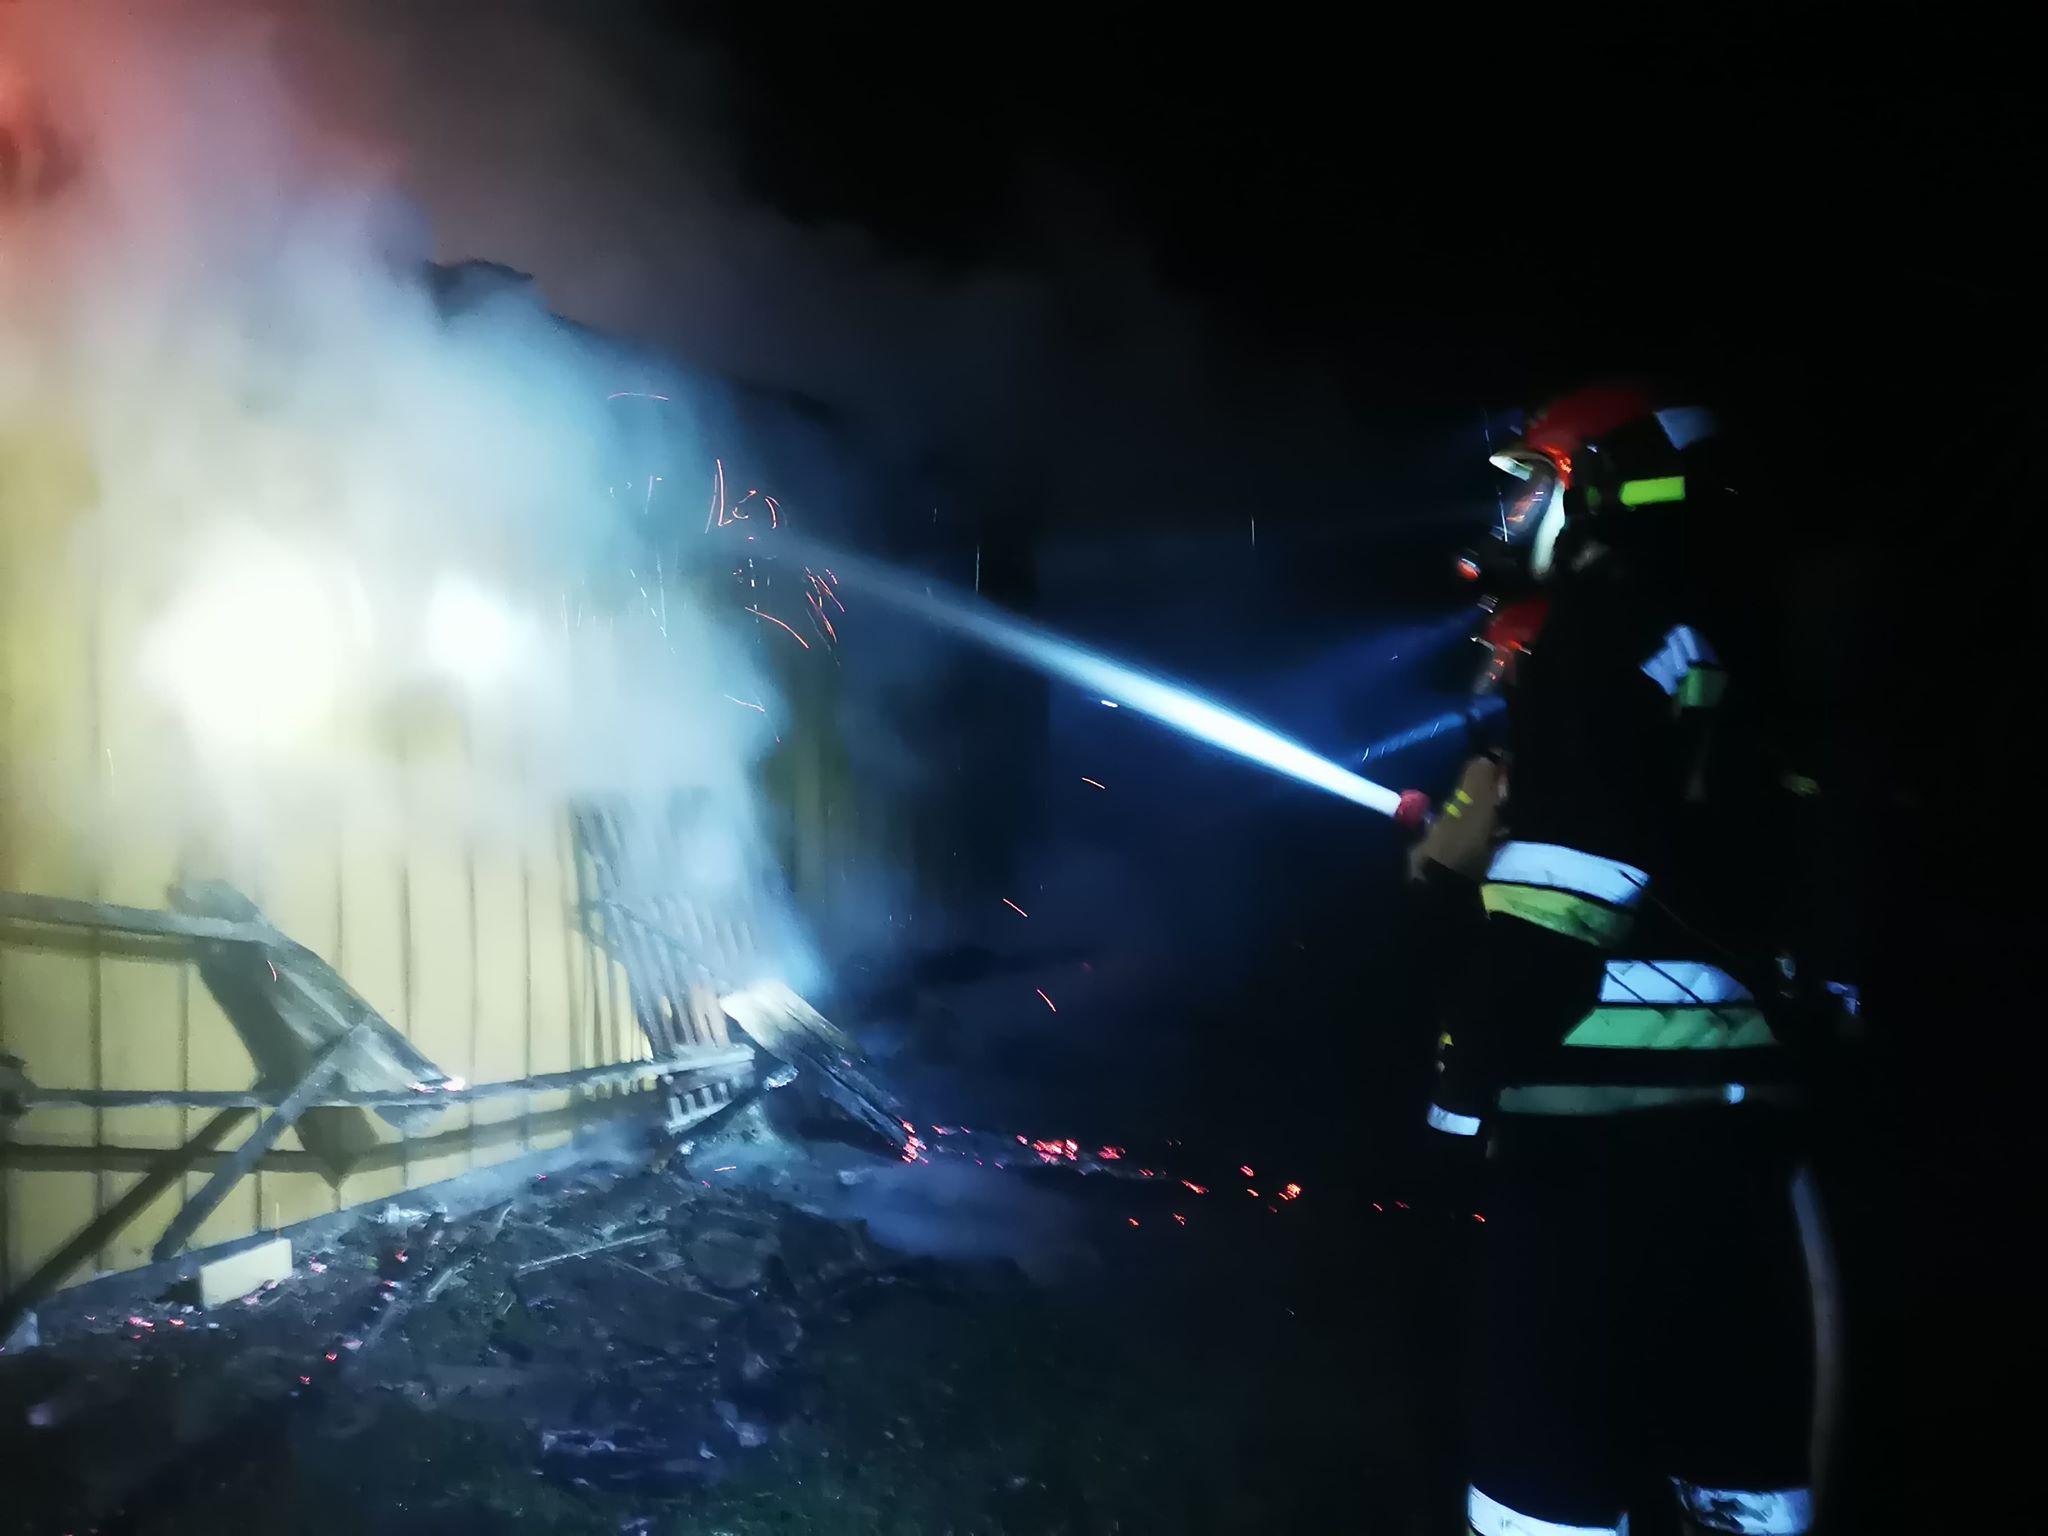 Z PODKARPACIA. Pożar pochłonął ludzkie życie. Strażacy znaleźli zwłoki [FOTO] - Zdjęcie główne